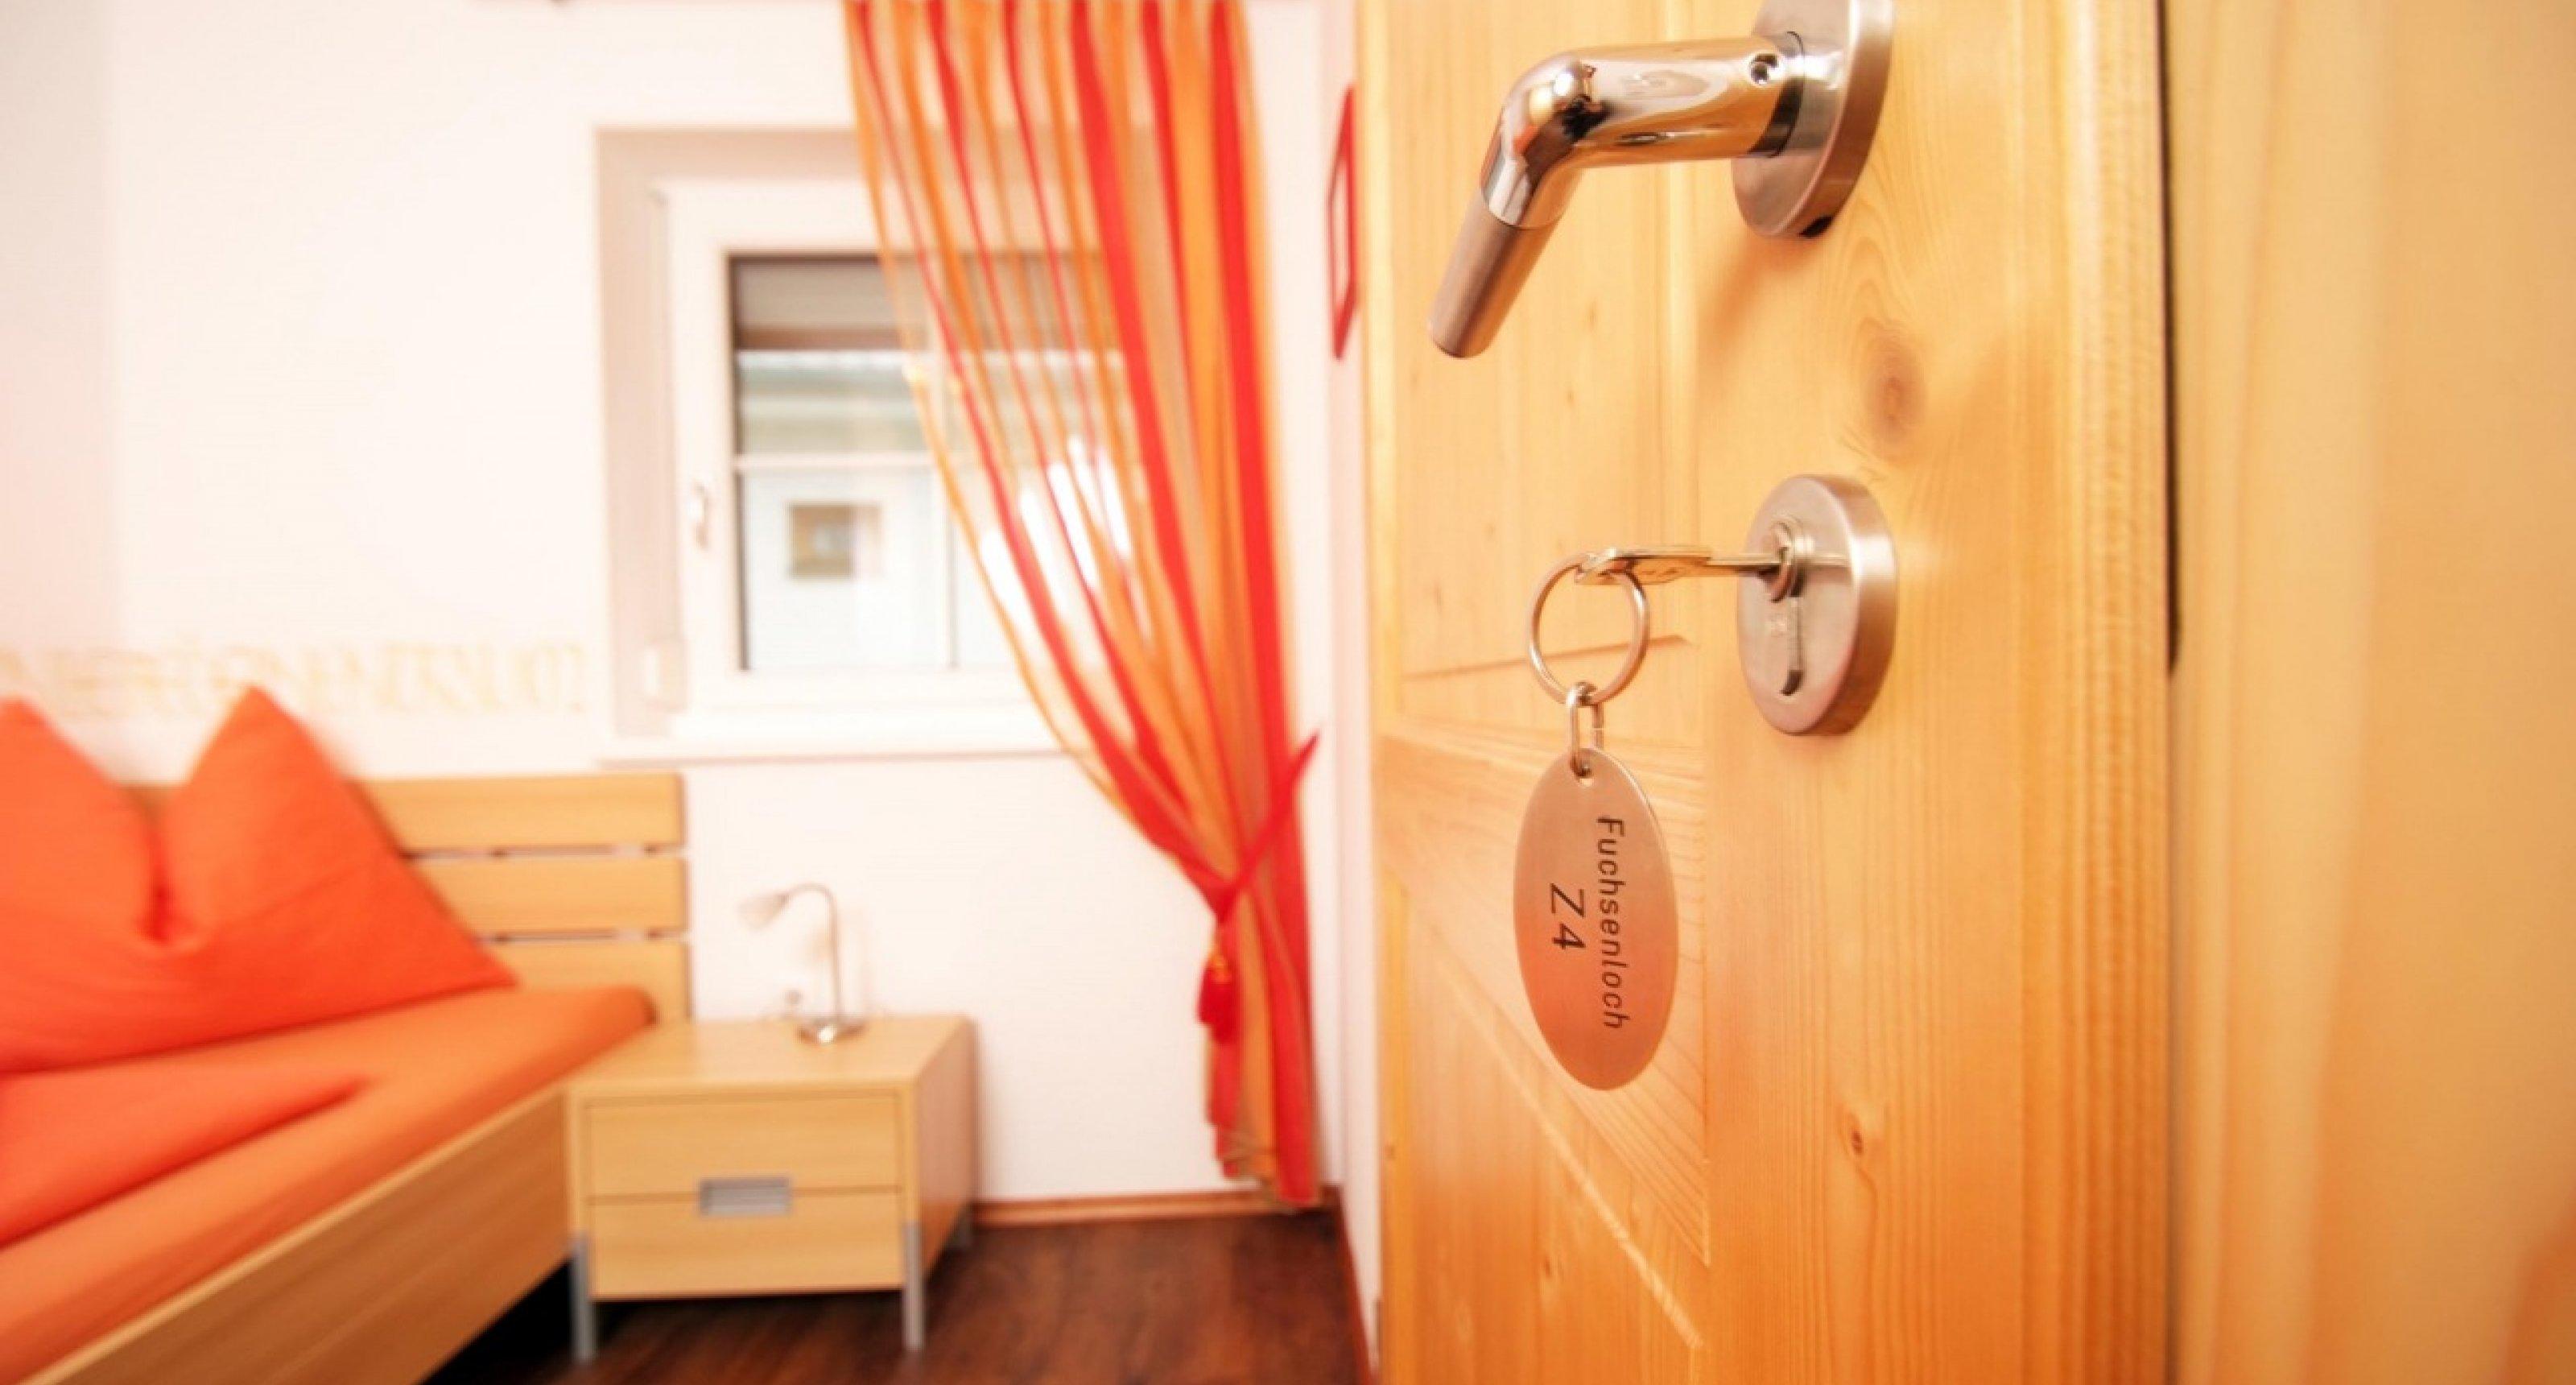 Ferienwohnung Fuchsenloch - Schlafzimmer 4